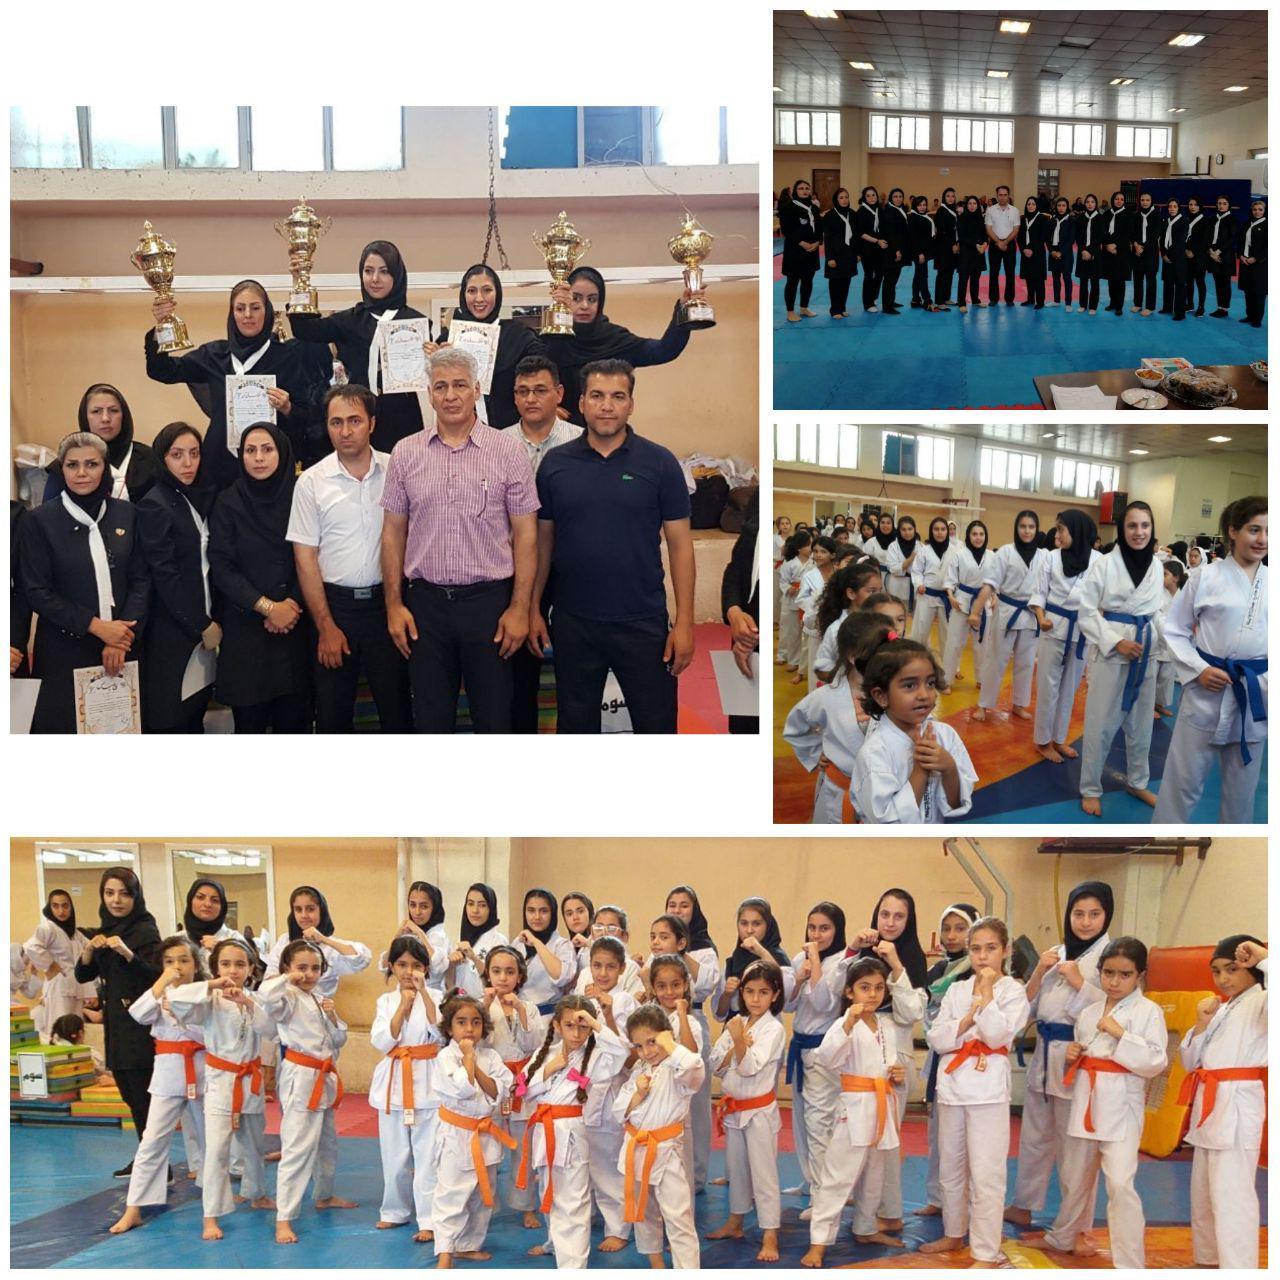 افتخاری دیگر برای ورزش پرند / کسب مقام اول مسابقات قهرمانی سبک شیدوکان کاراته ایران توسط بانوان پرندی